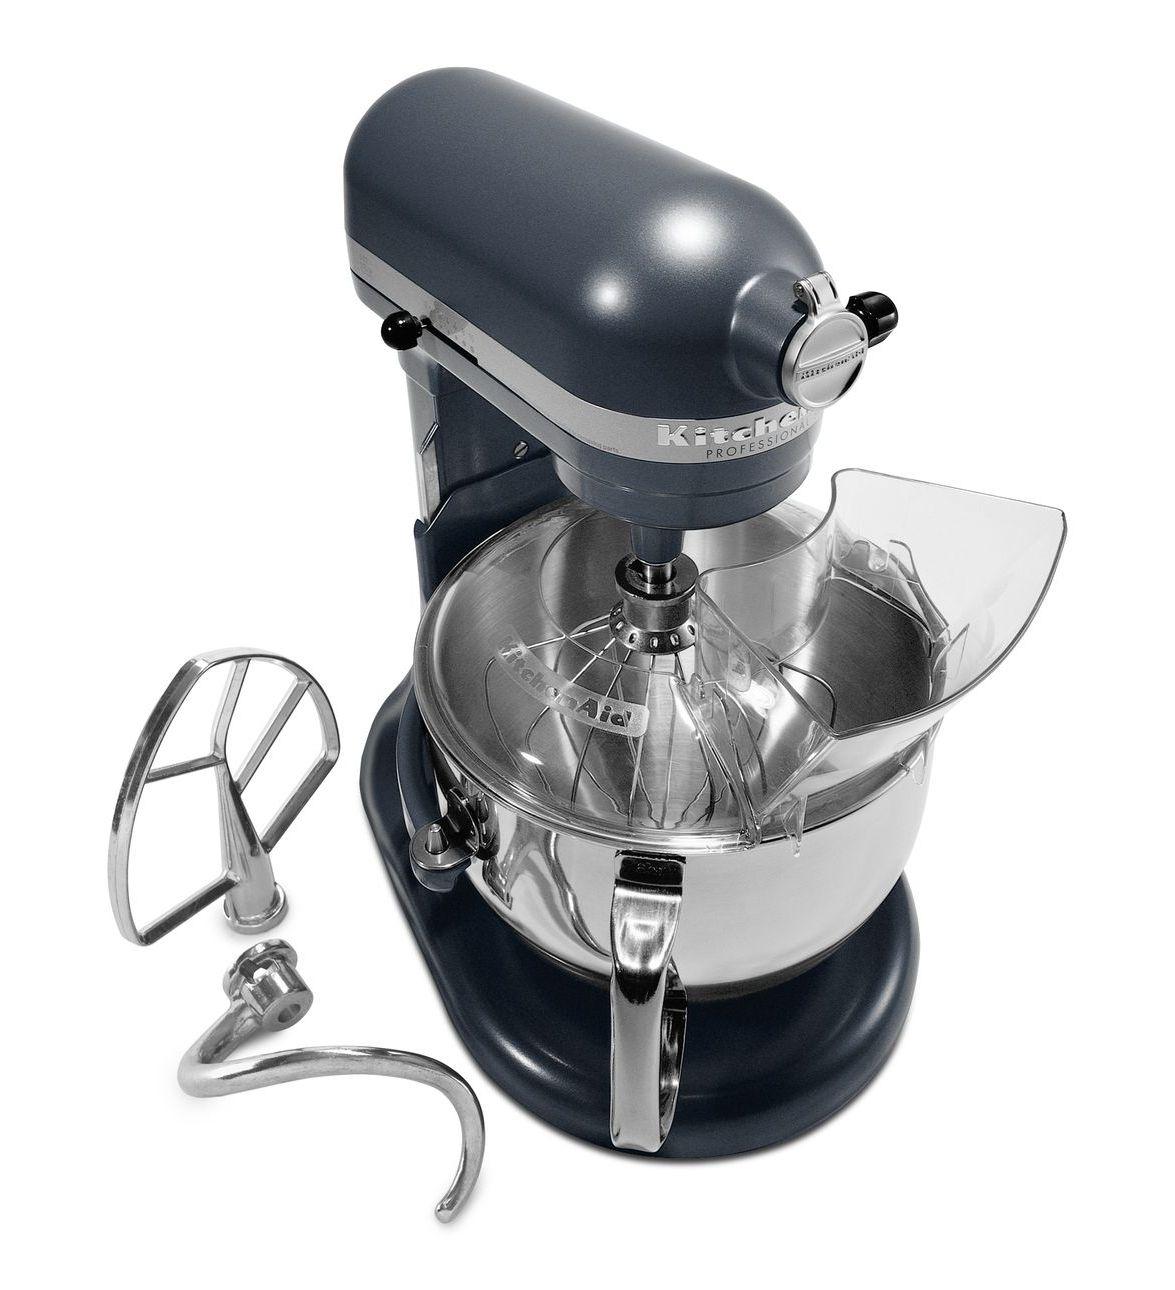 Kitchen aid mixer bowl photo - 3